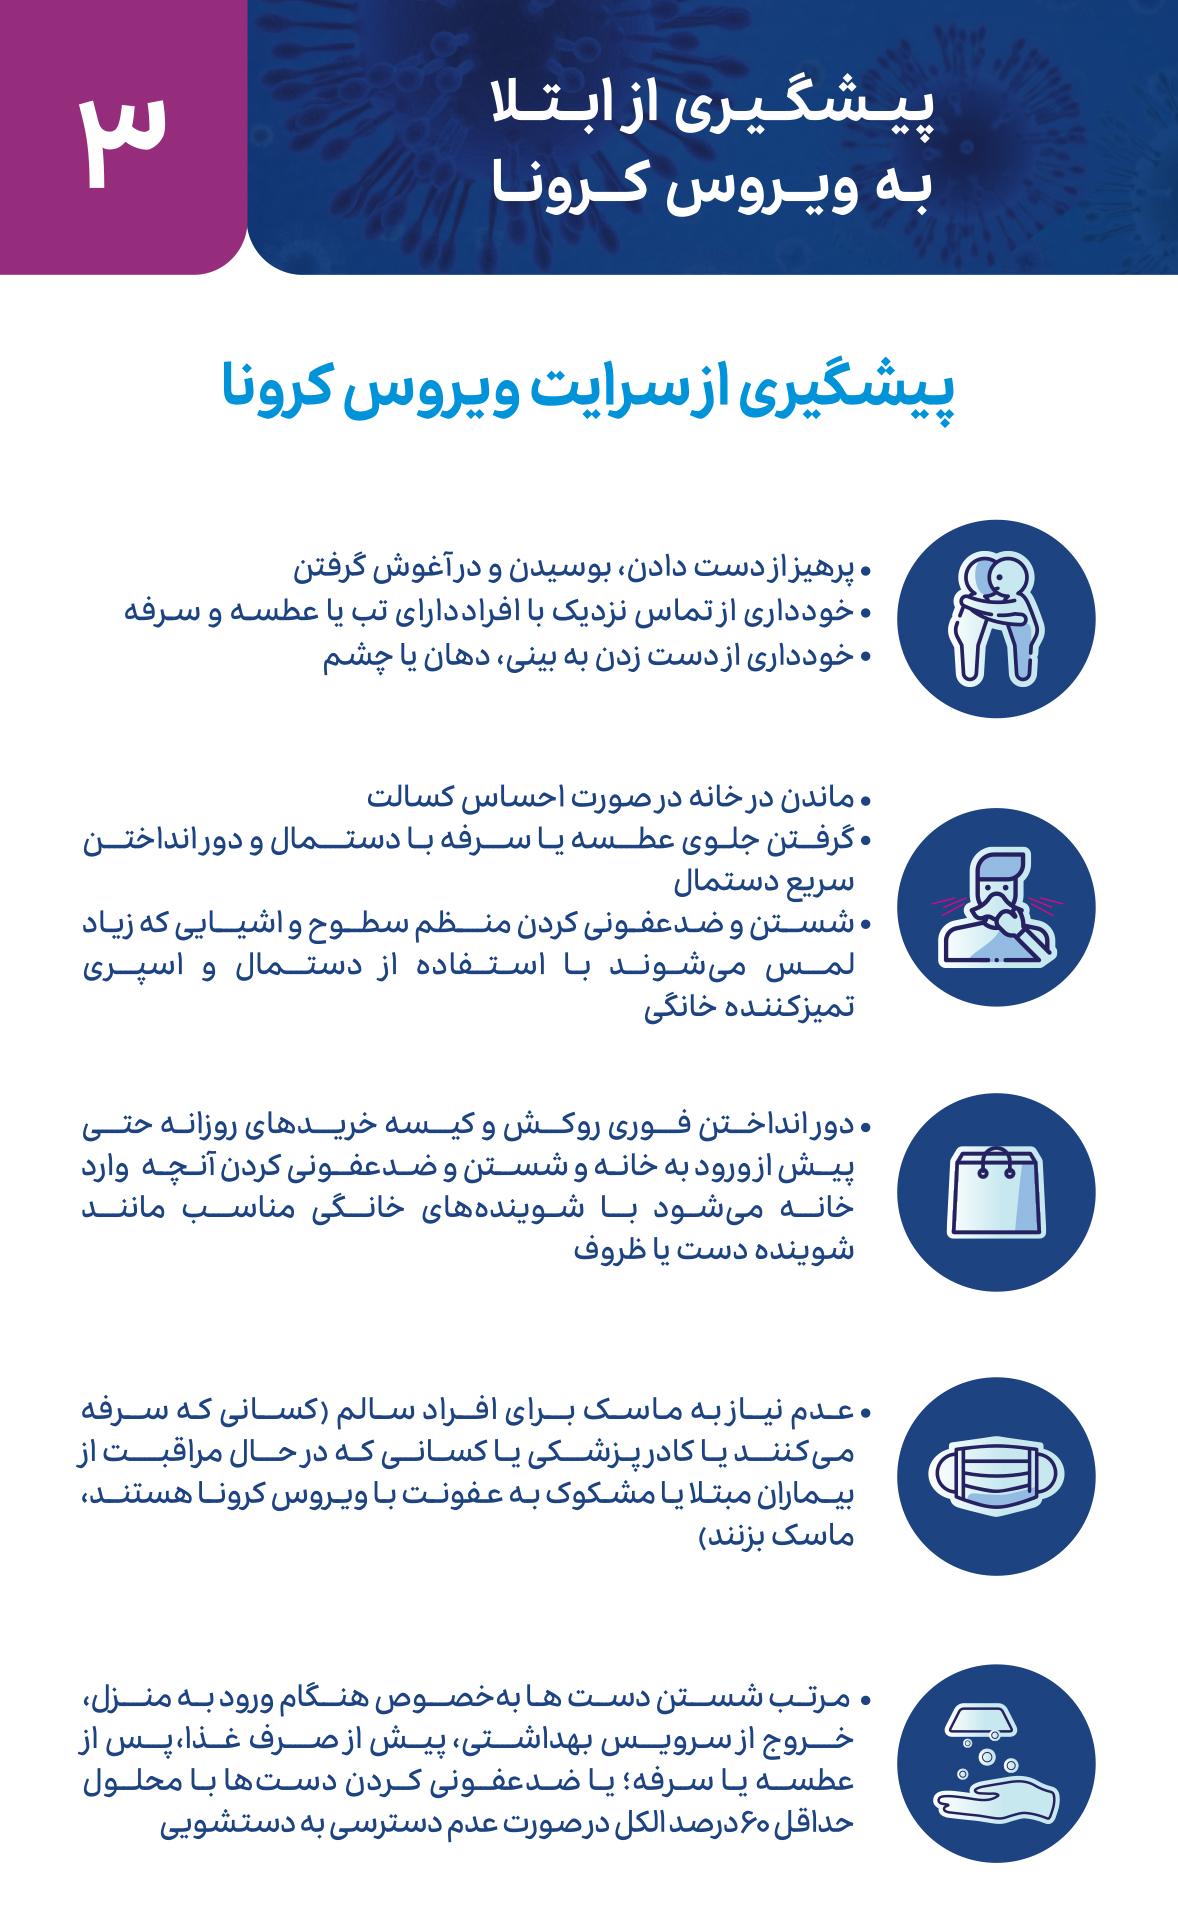 متخصص زنان اصفهان پیشگیری از سرایت ویروس کرونا